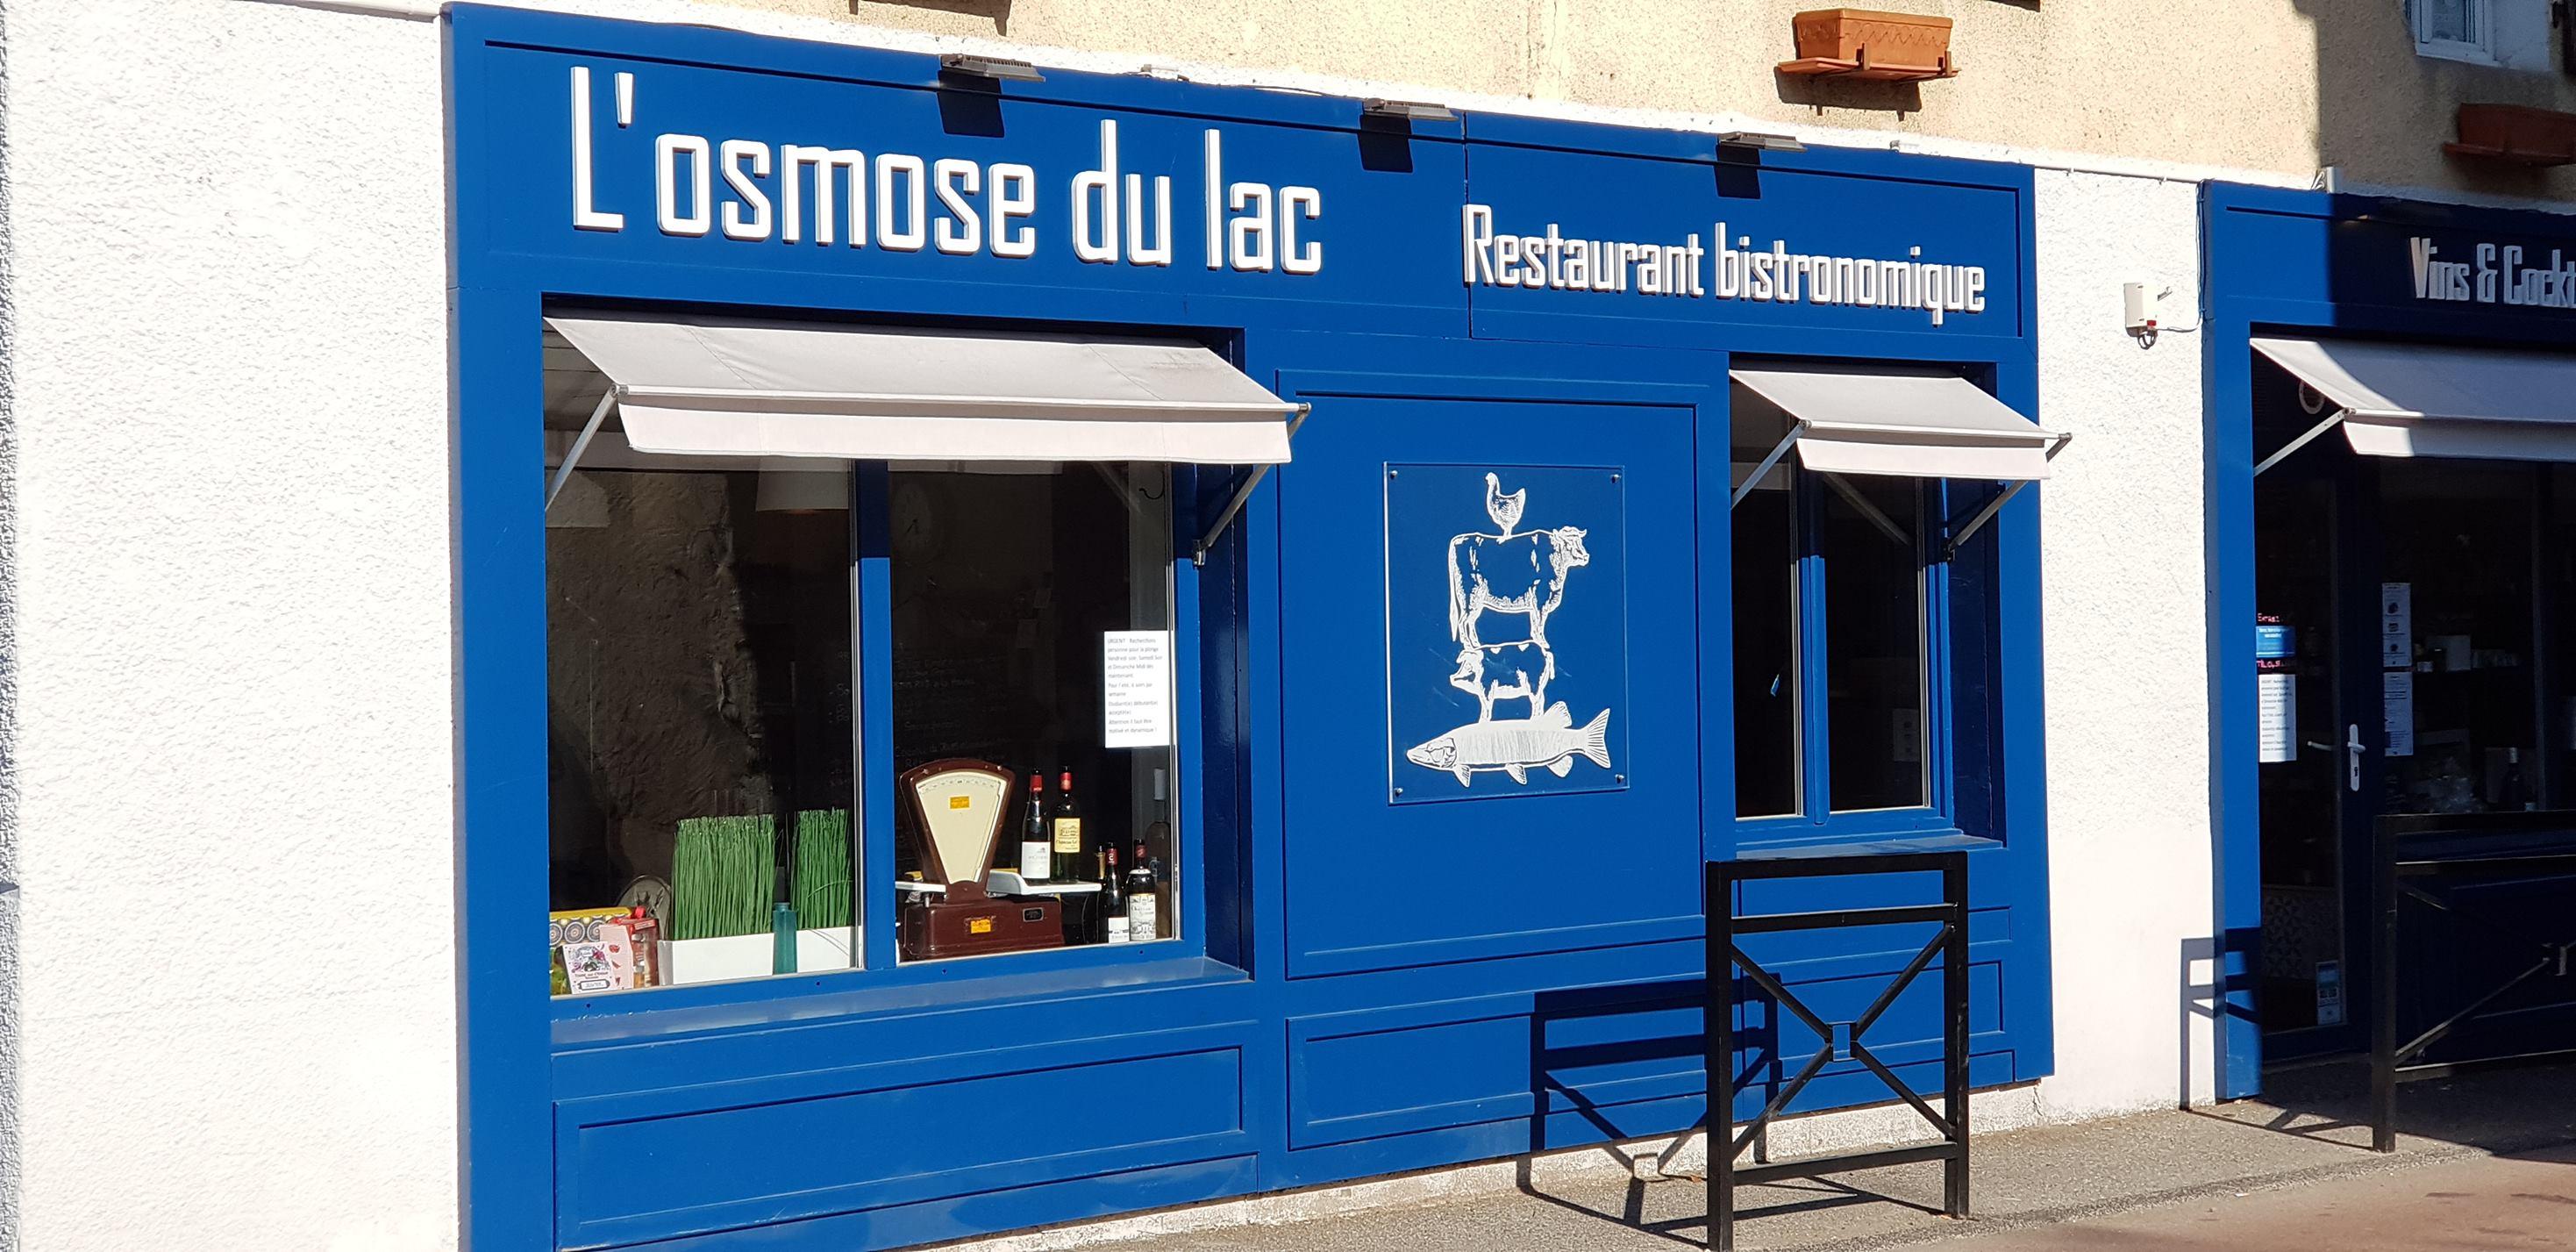 Adhérent L'OSMOSE DU LAC  - photo #12158